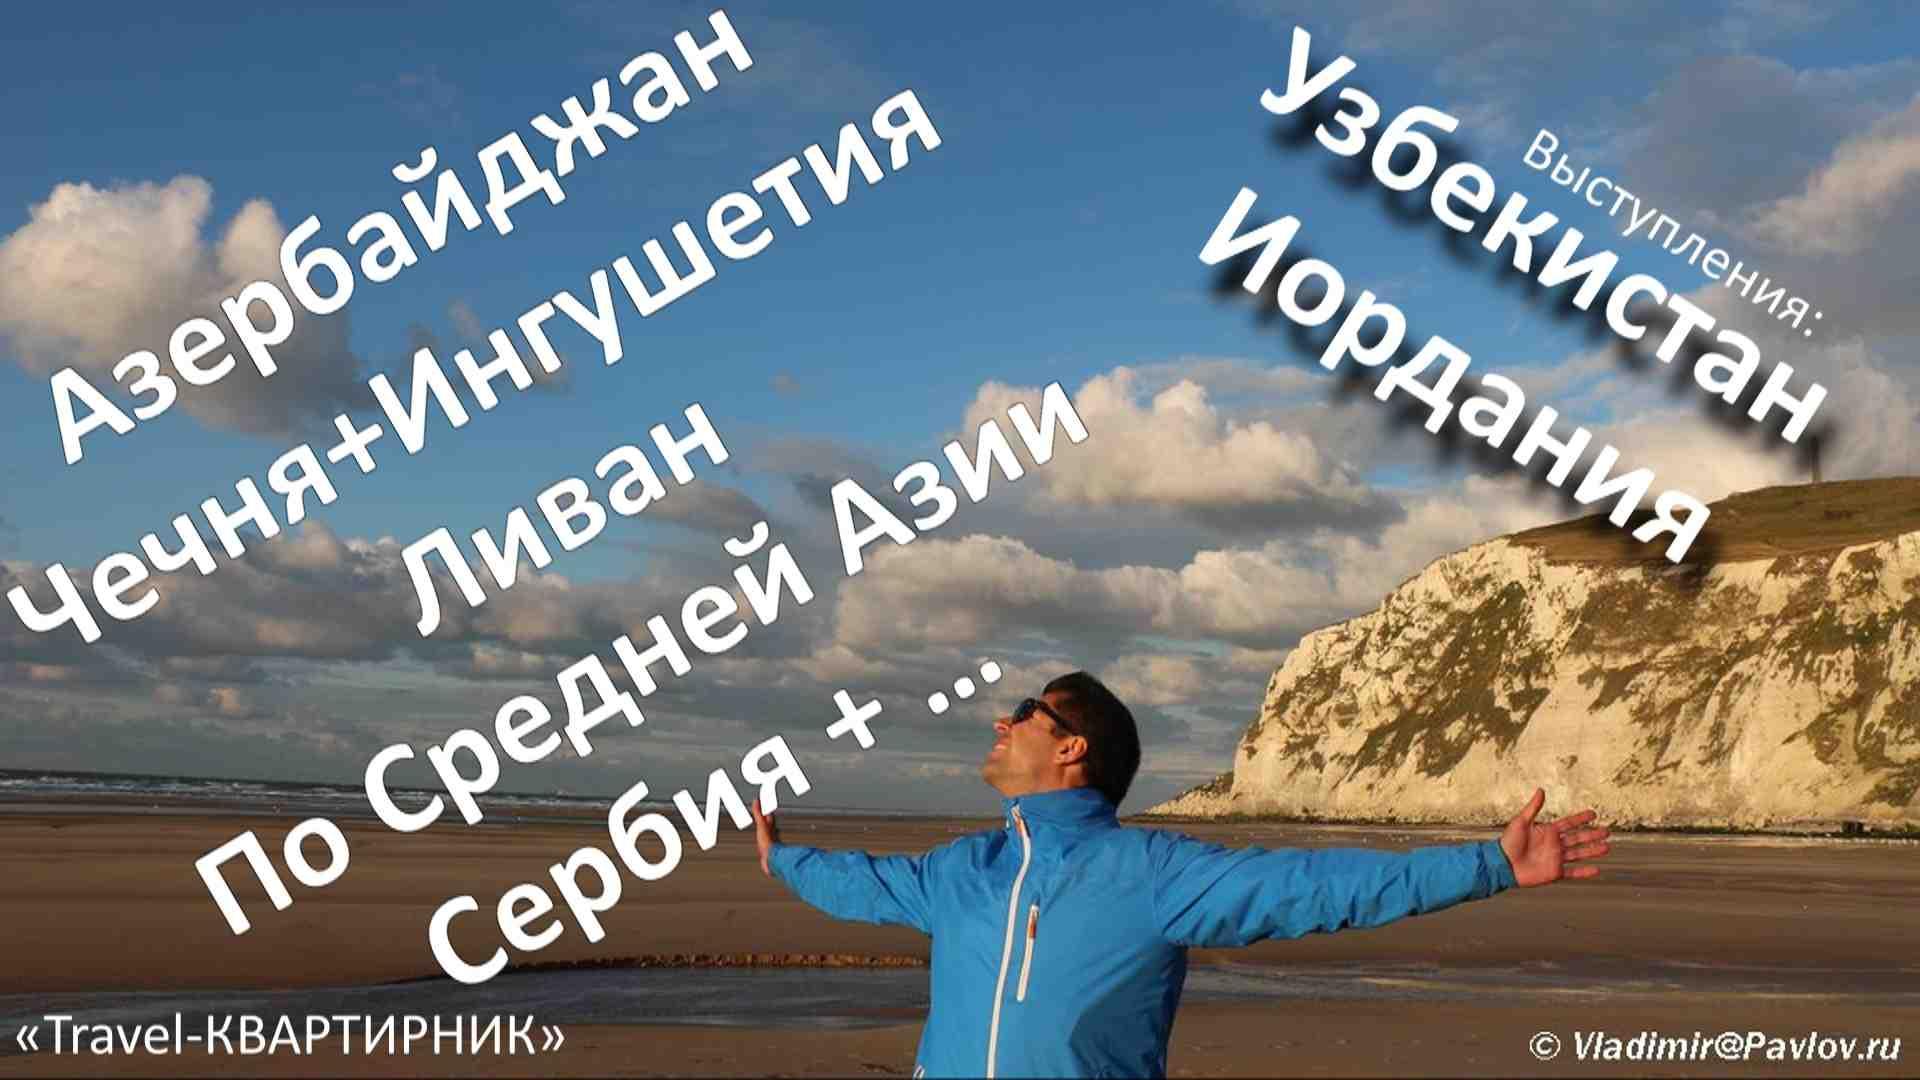 Travel Kvartirnik vstrechi puteshestvennikov v domashnem formate - «Travel-КВАРТИРНИК» - встреча путешественников